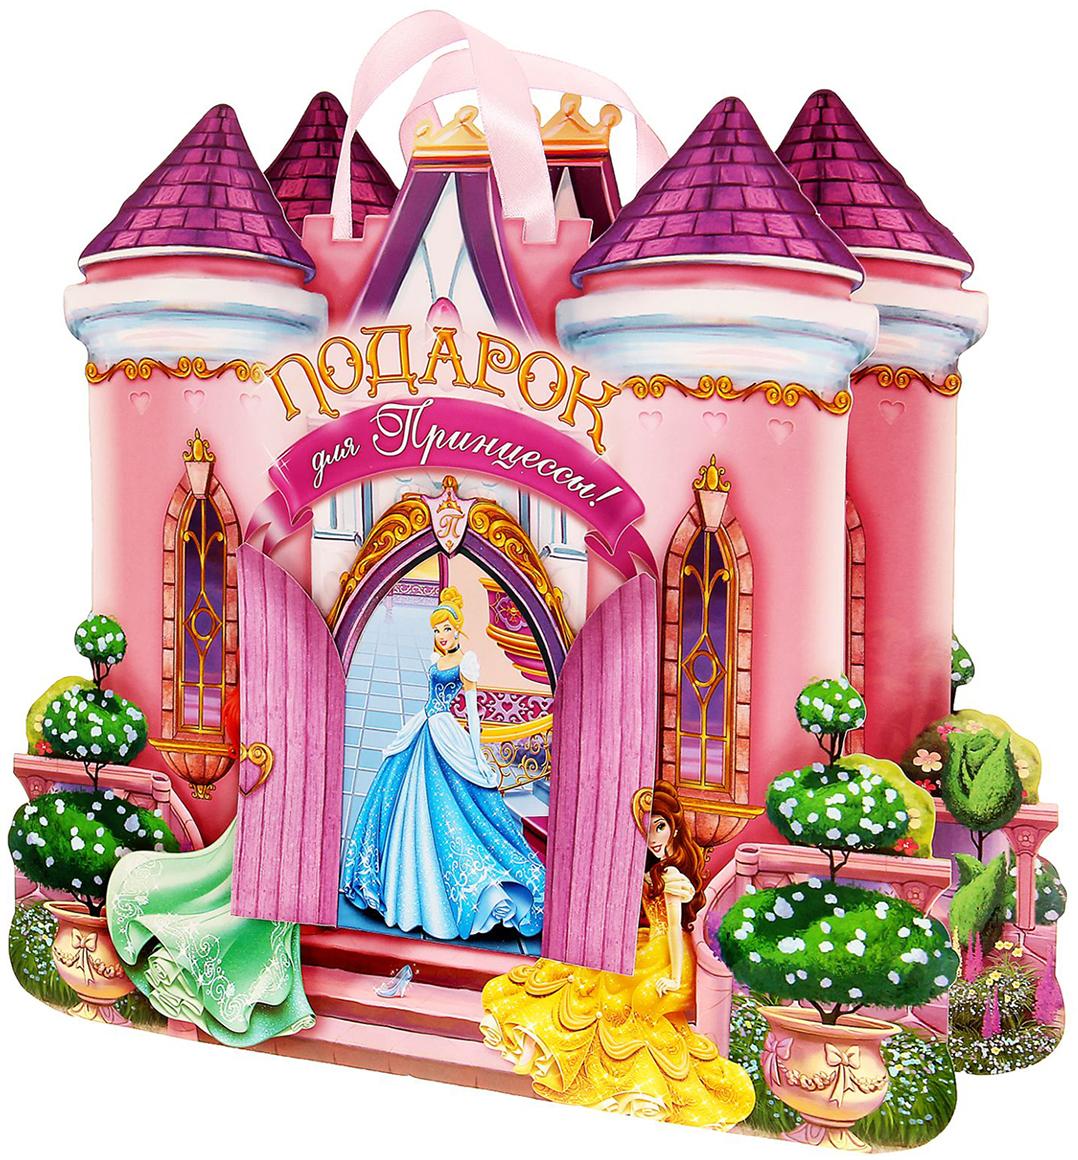 Пакет-открытка подарочный Disney Принцессы. Подарок для принцессы, цвет: мультиколор, 27 х 8 х 30 см. 11231071123107Дарите счастье с Disney!Если вы готовите для малыша подарок, о котором он давно мечтал (конструктор или железную дорогу для бойкого мальчугана, а может, набор нарядных кукол для маленькой принцессы), позаботьтесь о небольшой, но важной детали - красивой упаковке. Яркий пакет заставит сердце чада биться чаще в предвкушении. Ребенок сразу поймет, что мамочка с папочкой приготовили для него что-то особенное: еще пара секунд и произойдет чудо!Любимые герои мультфильмов сделают праздник веселее! Помните, что улыбка и смех крохи - счастье для каждого родителя!